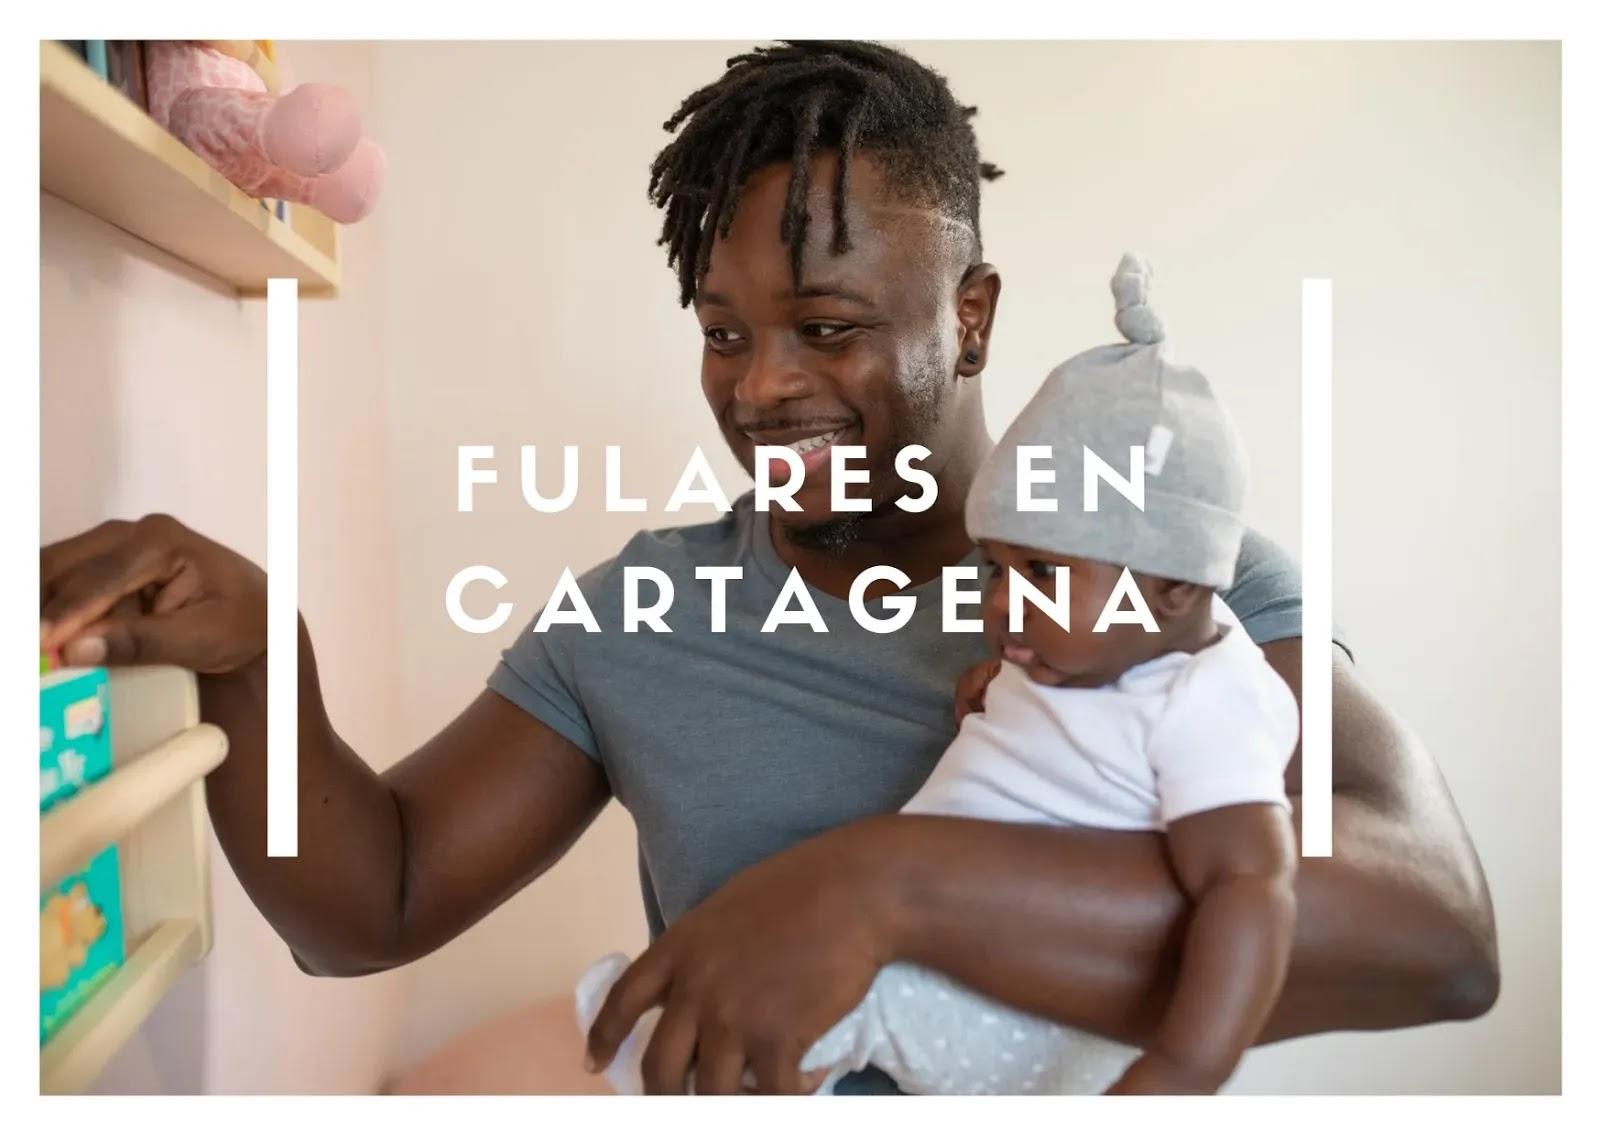 Comprar un fular en Cartagena